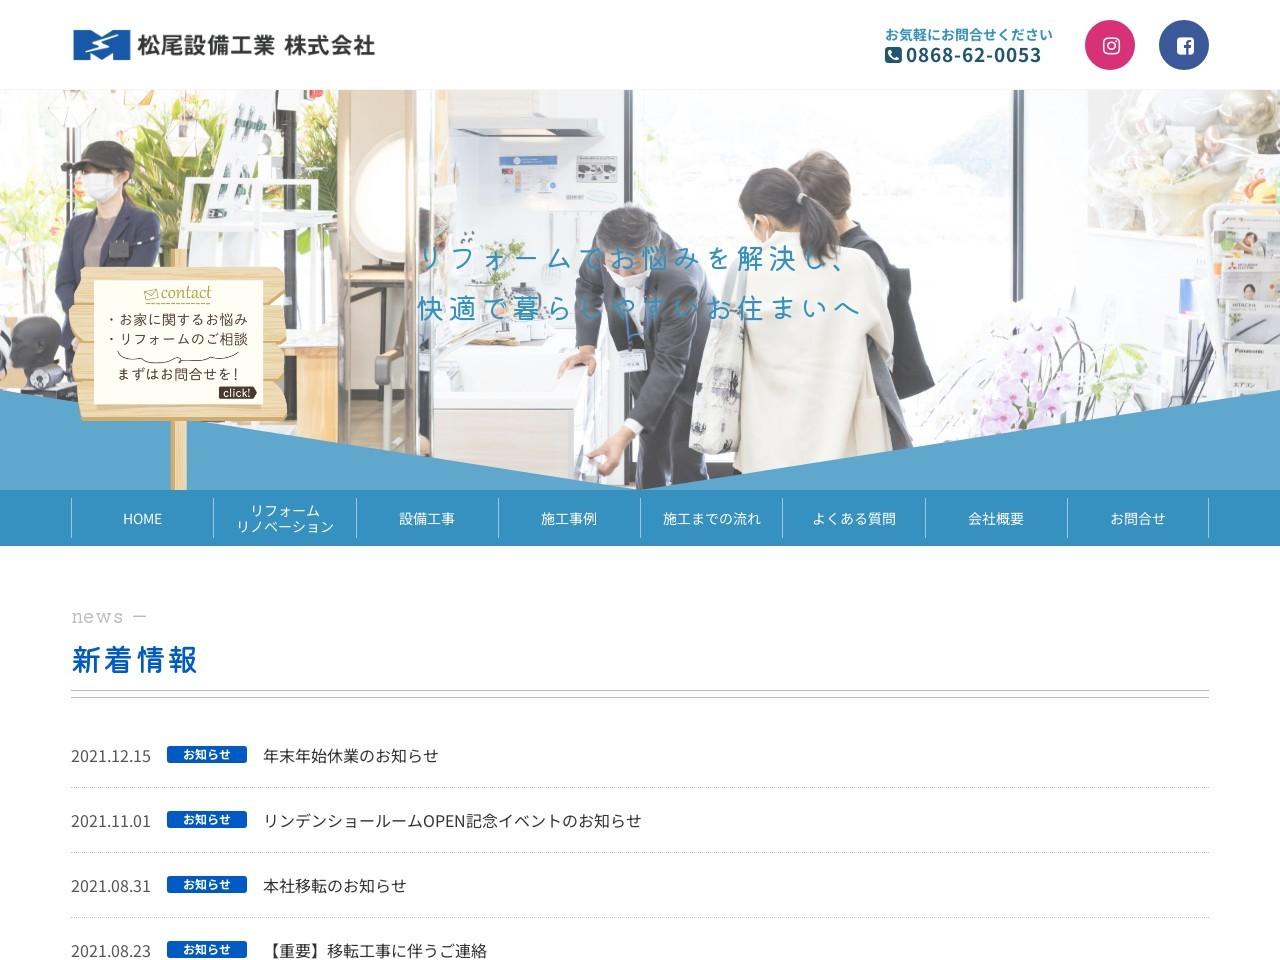 松尾設備工業株式会社